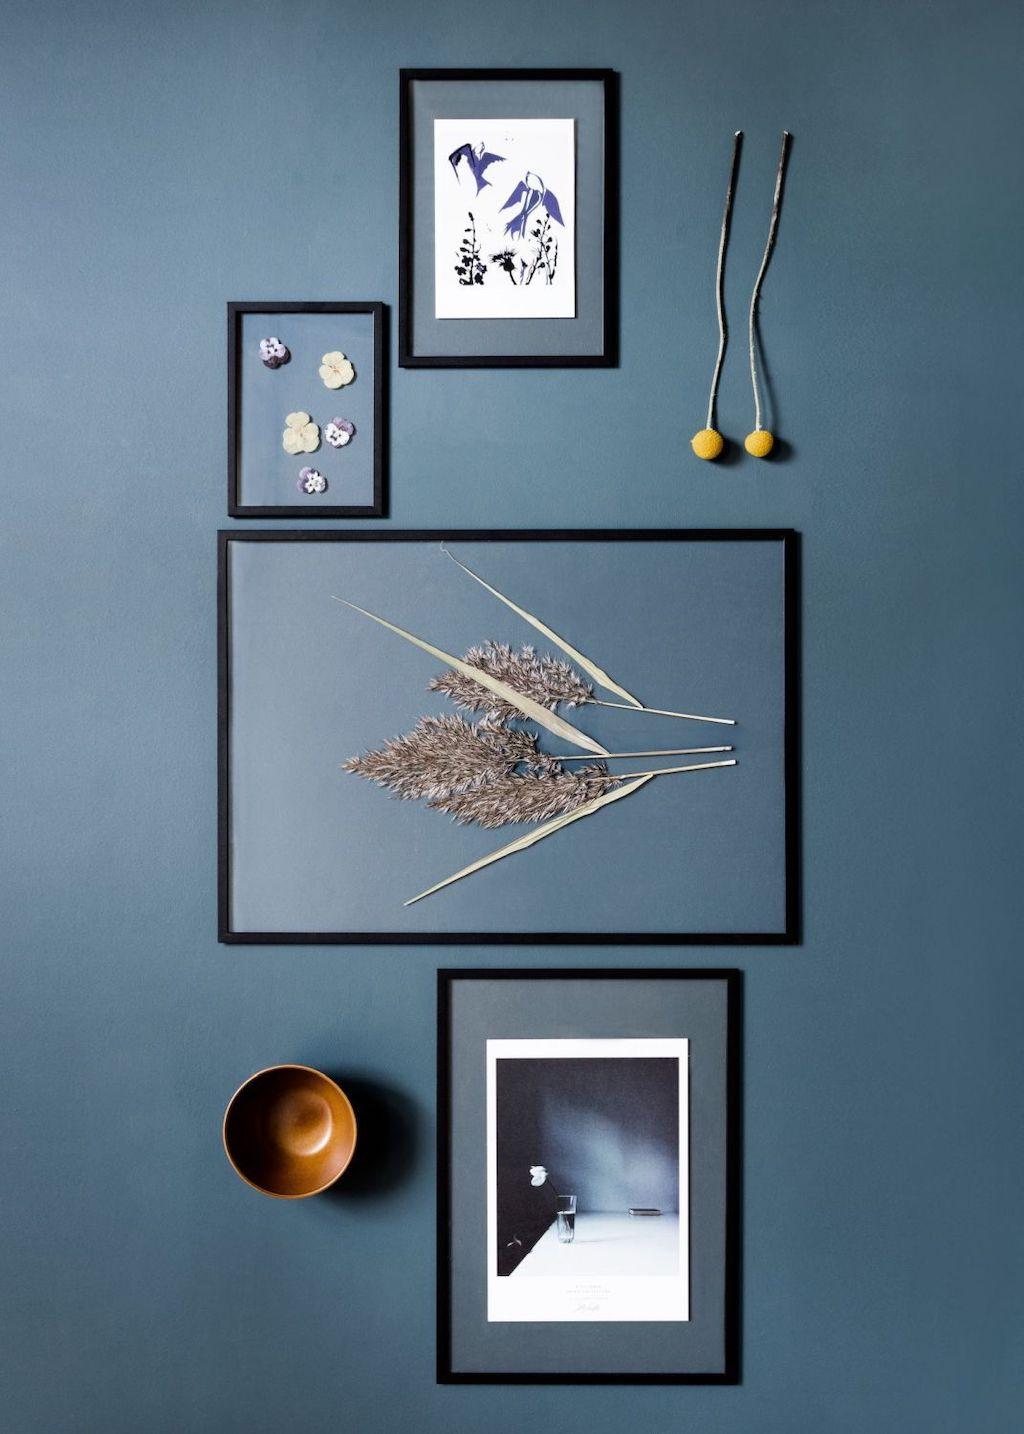 Moebe Rahmen als Stilleben mit getrockneten Planzen und PrintsLast Minute Christmas - Geschenkideen für Kurzentschlossene